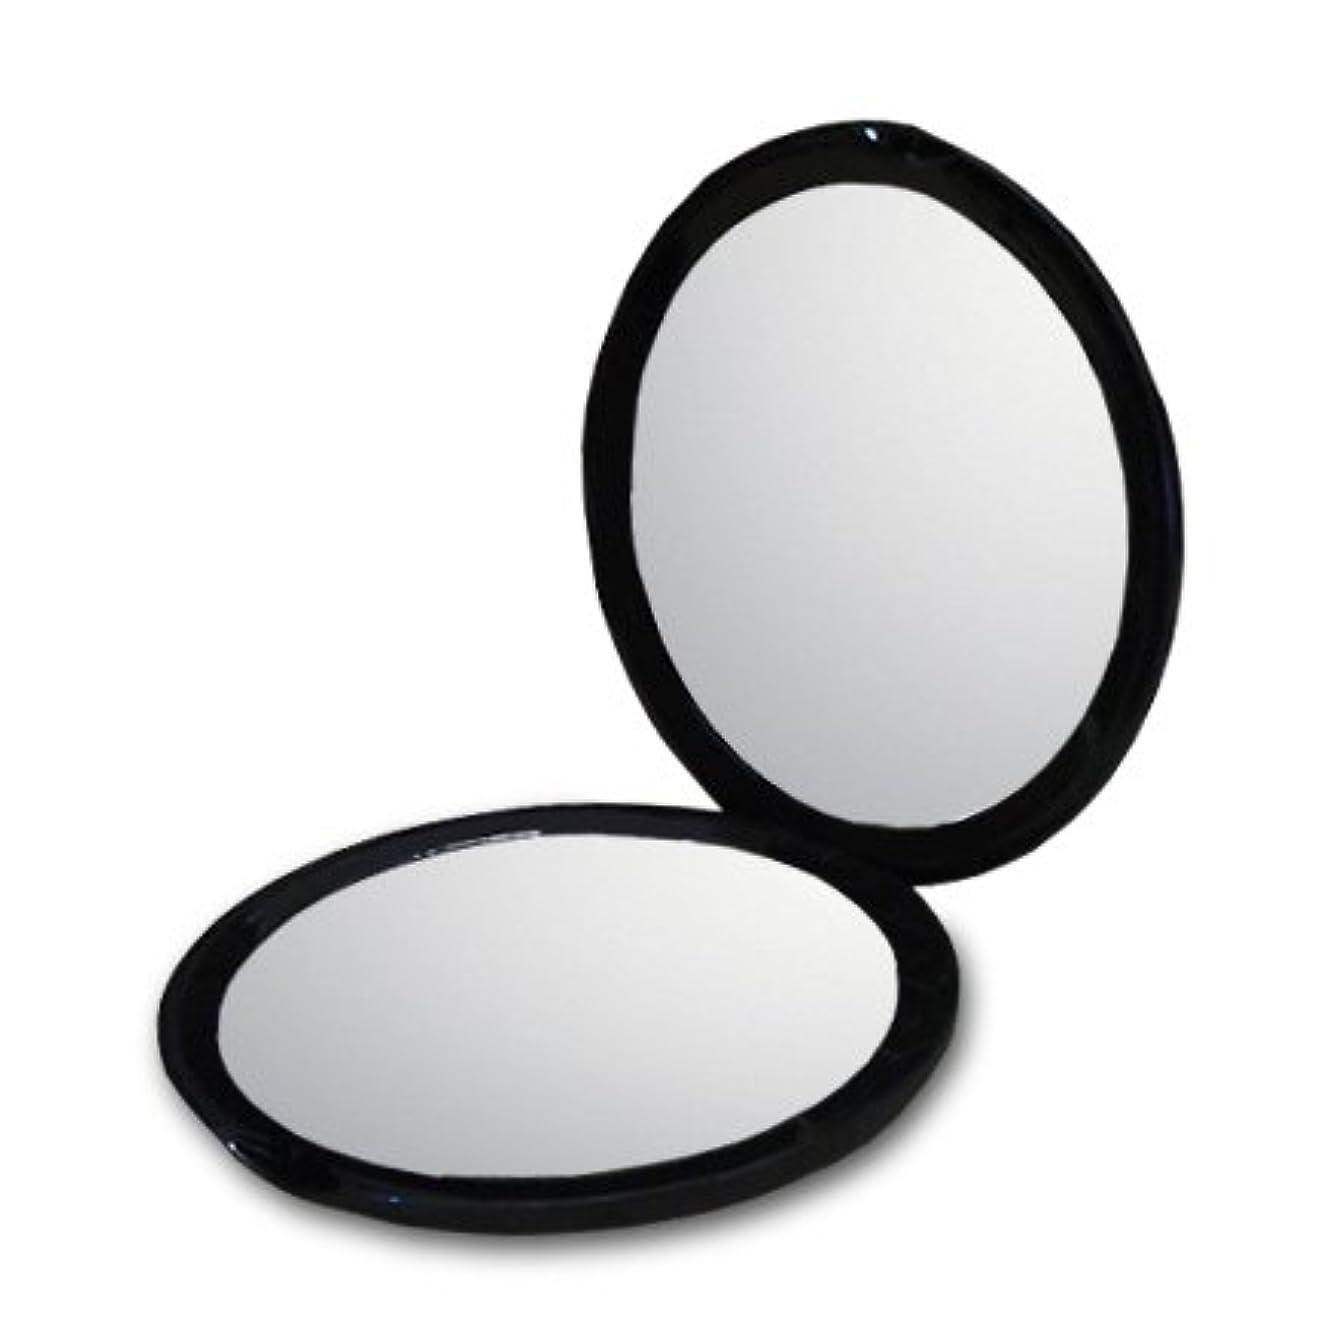 マイルド植物学者ボクシング10倍 拡大鏡付き コンパクトミラー 化粧鏡。等倍鏡と10倍鏡の両面鏡。通常の鏡の10倍の大きさで映る!細かなメイクや日々のスキンケアに最適! (ブラック)